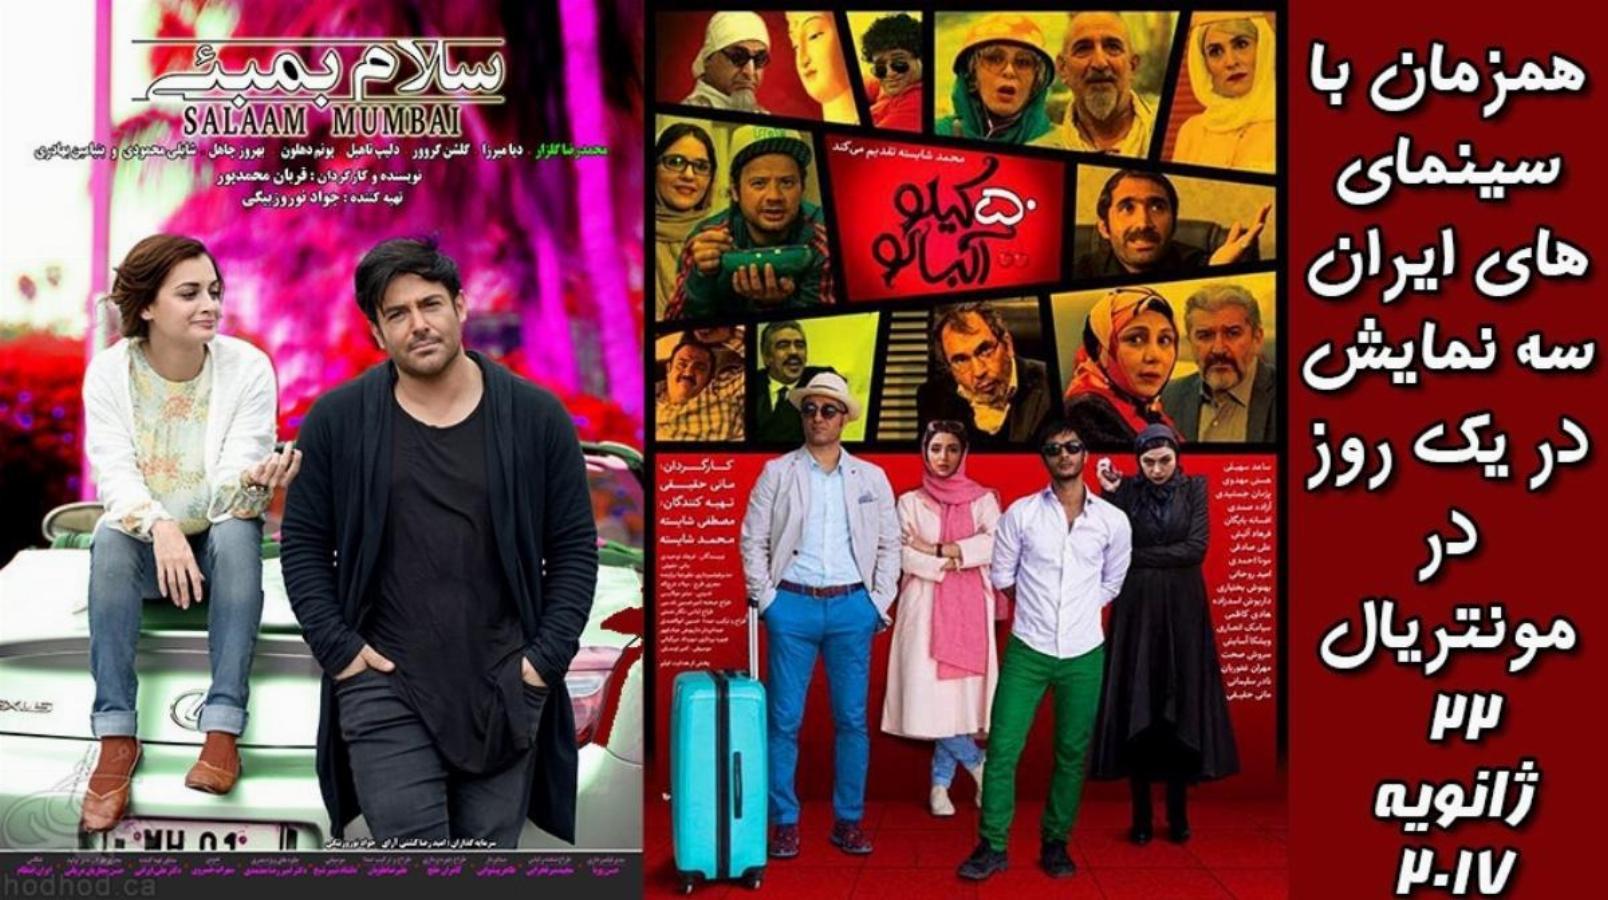 همزمان با سینمای های ایران سه نمایش در یک روز در مونتریال